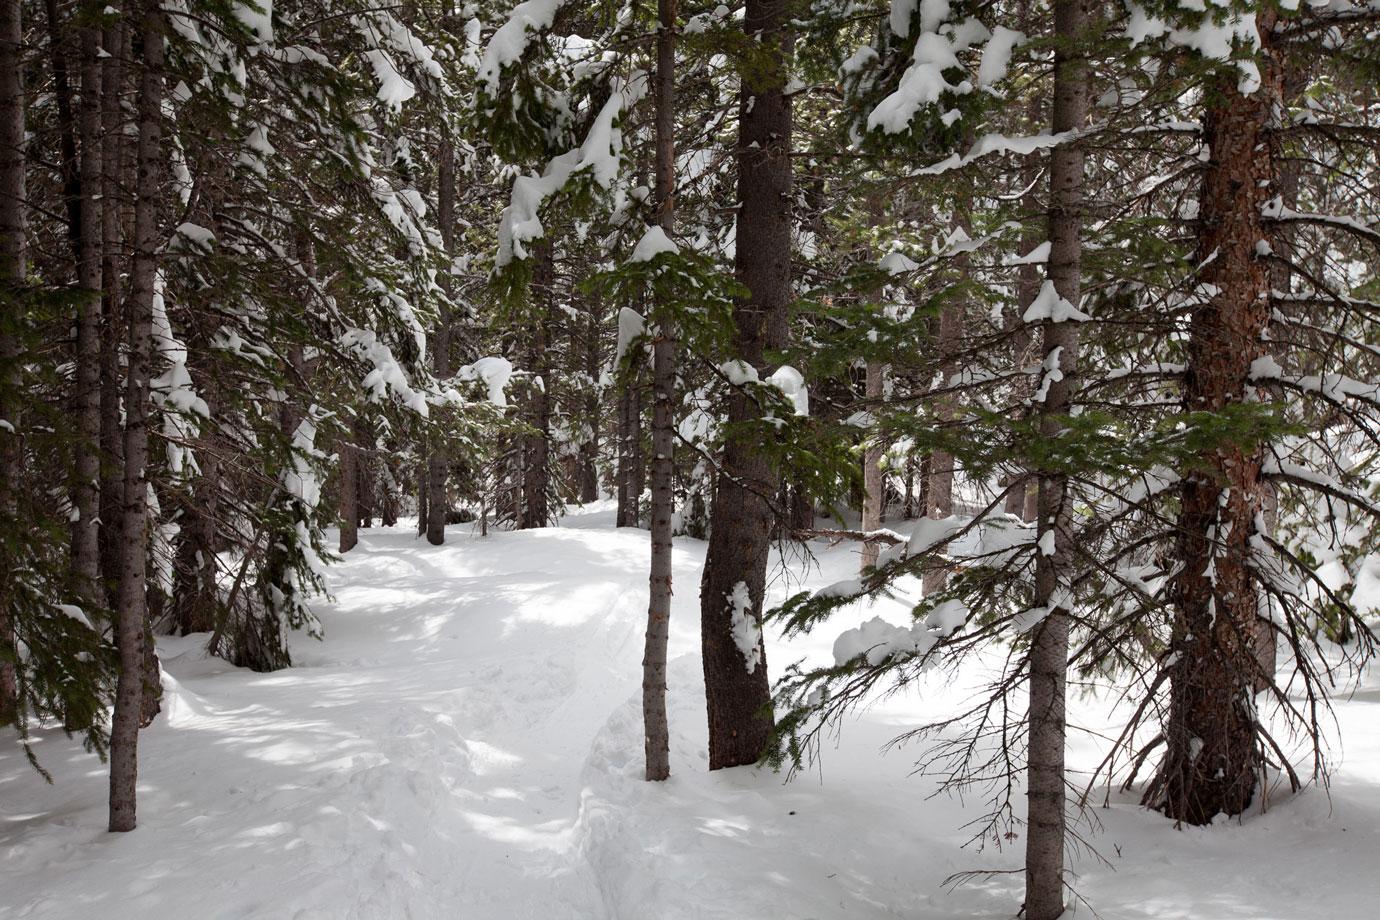 Trail to Nymph Lake